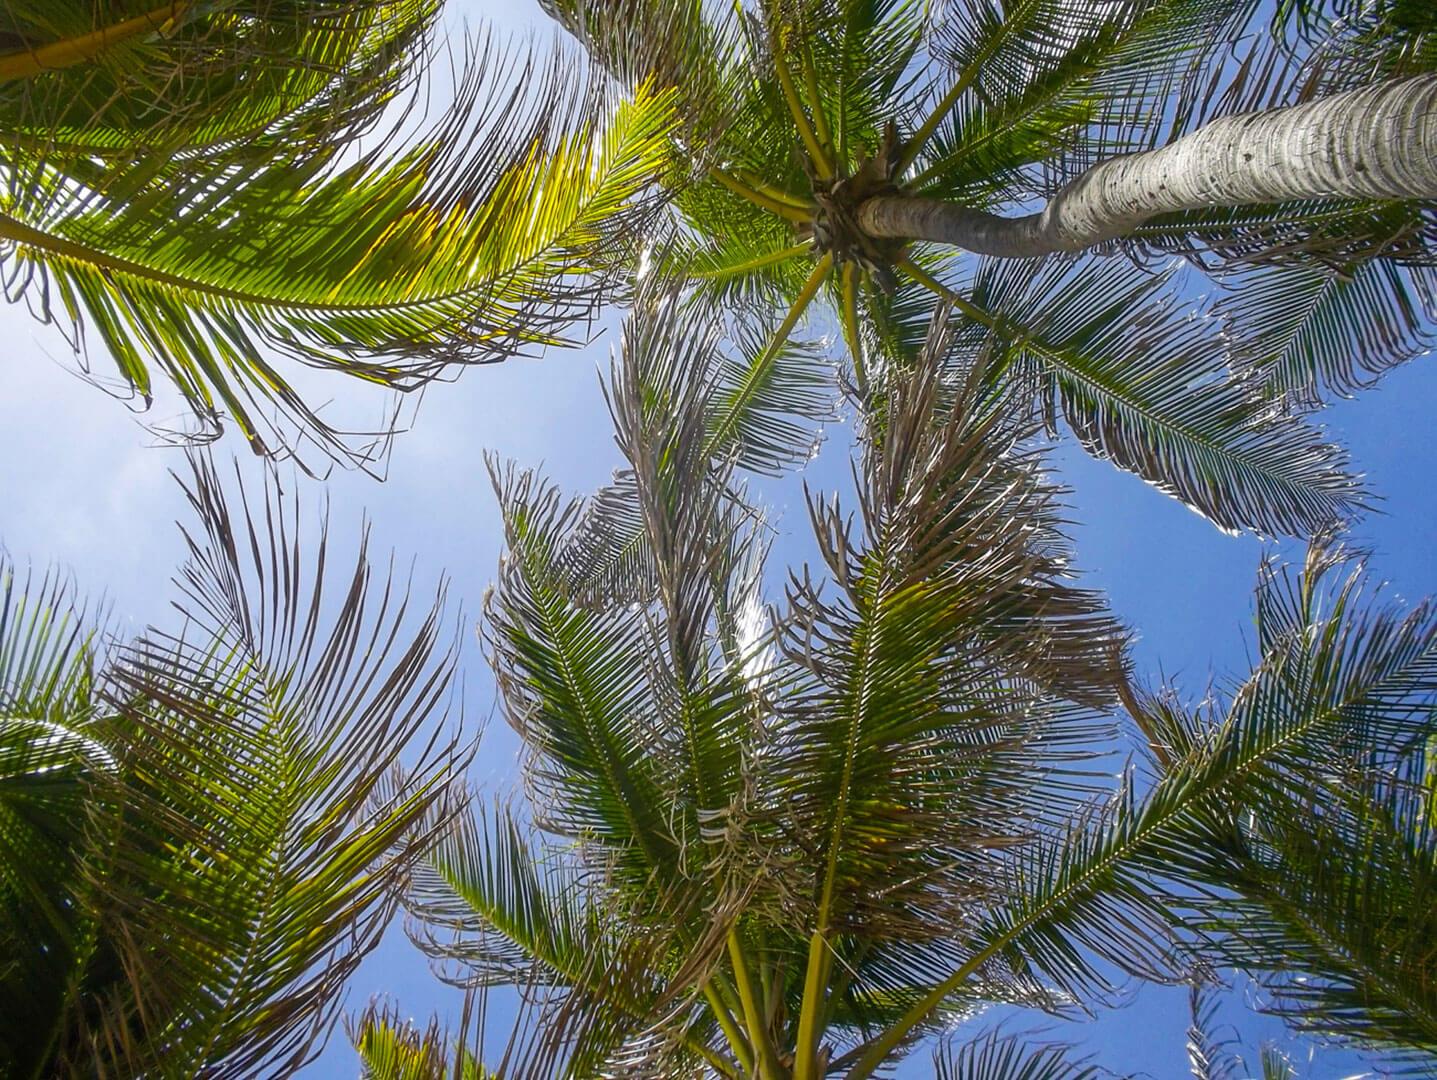 Fortaleza-Brazil-by-Polina-Paraskevopoulou-la-vie-en-blog-49